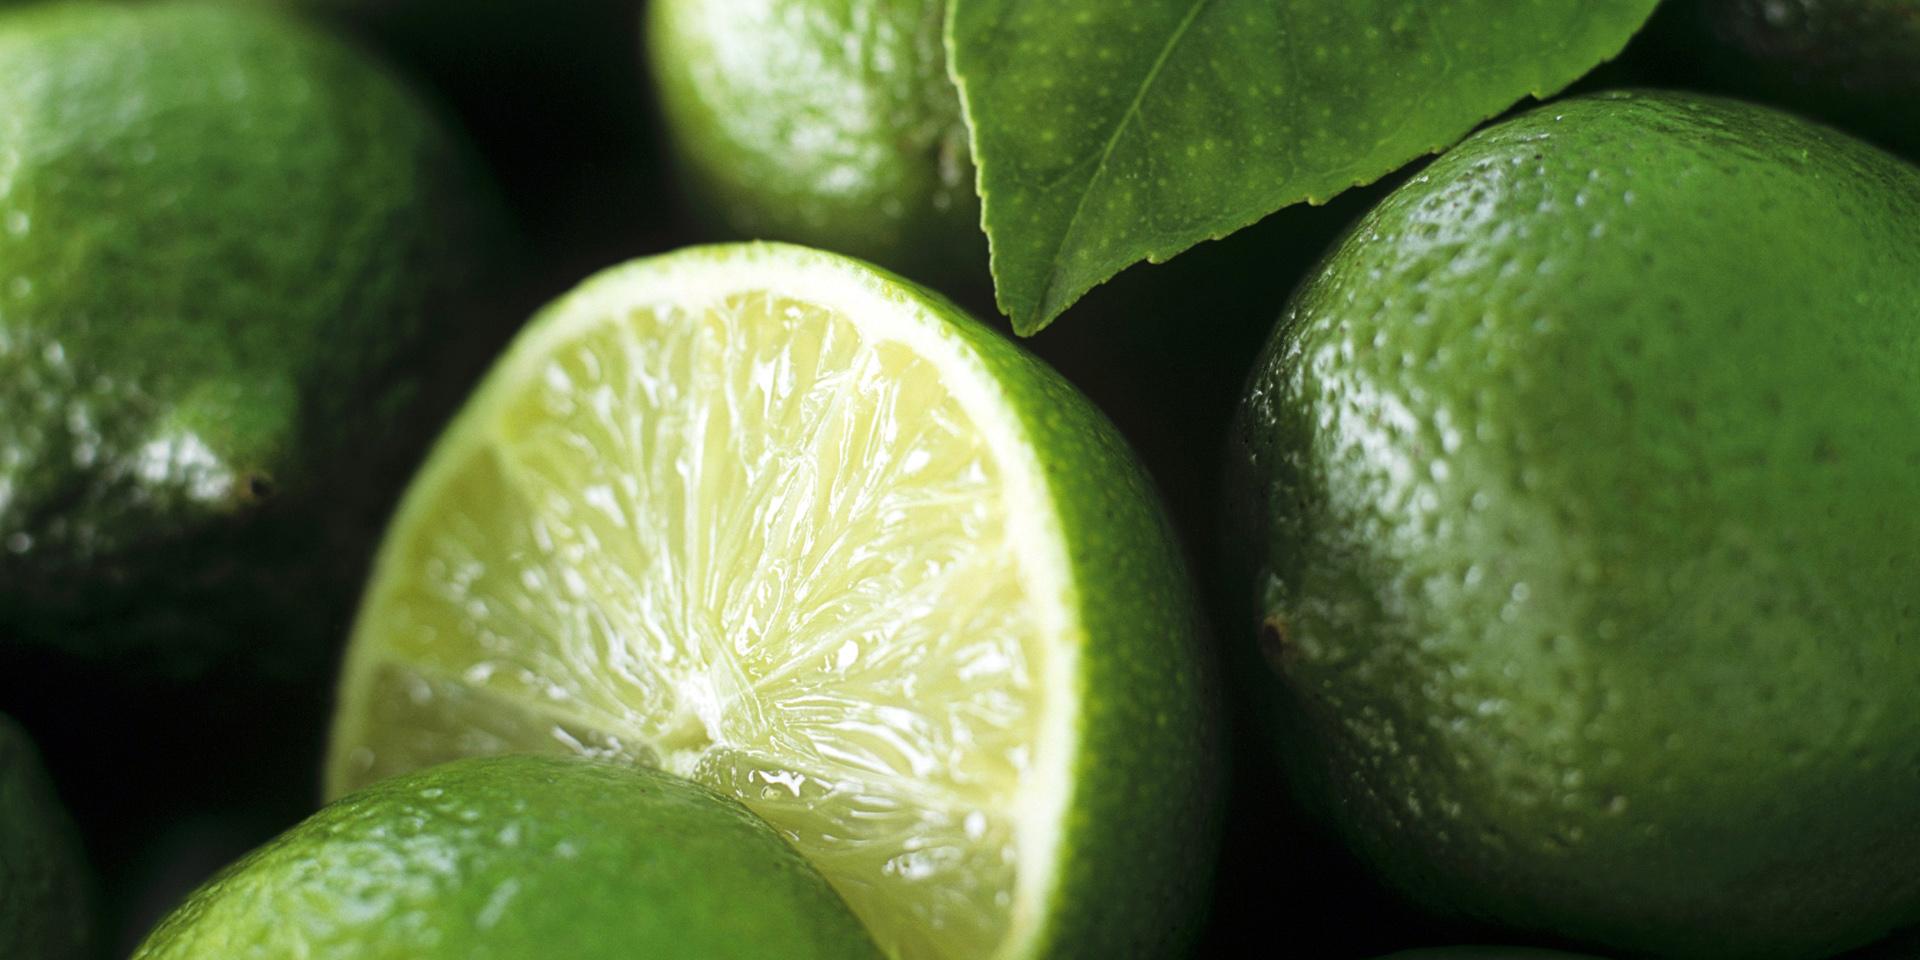 جولان لیمو قاچاق در قطب کشاورزی هرمزگان